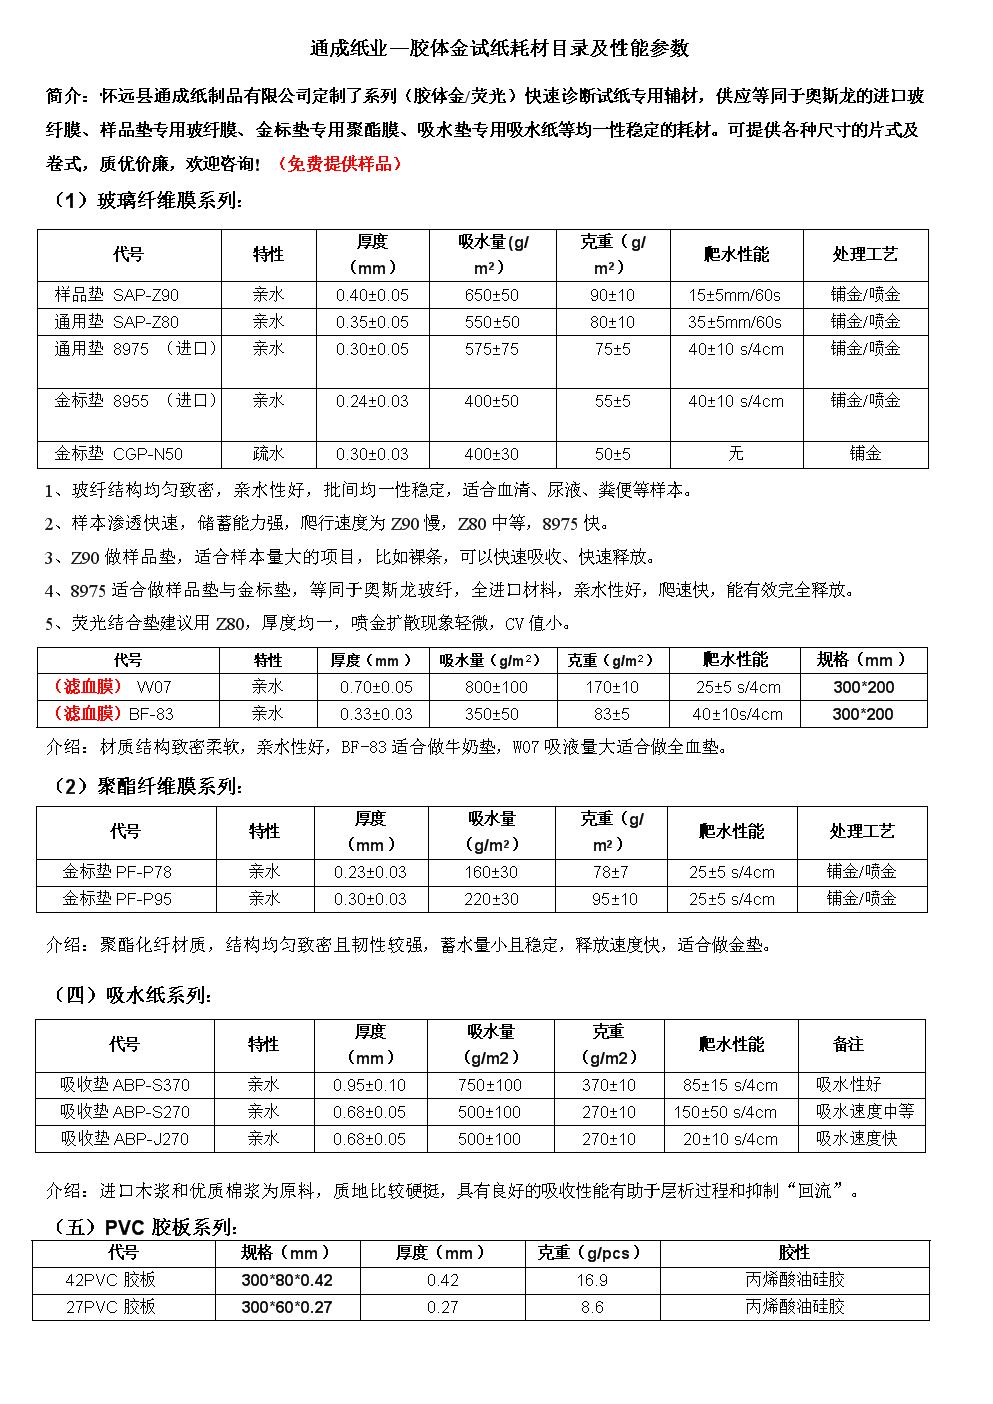 通成纸业—胶体金试纸耗材目录.doc